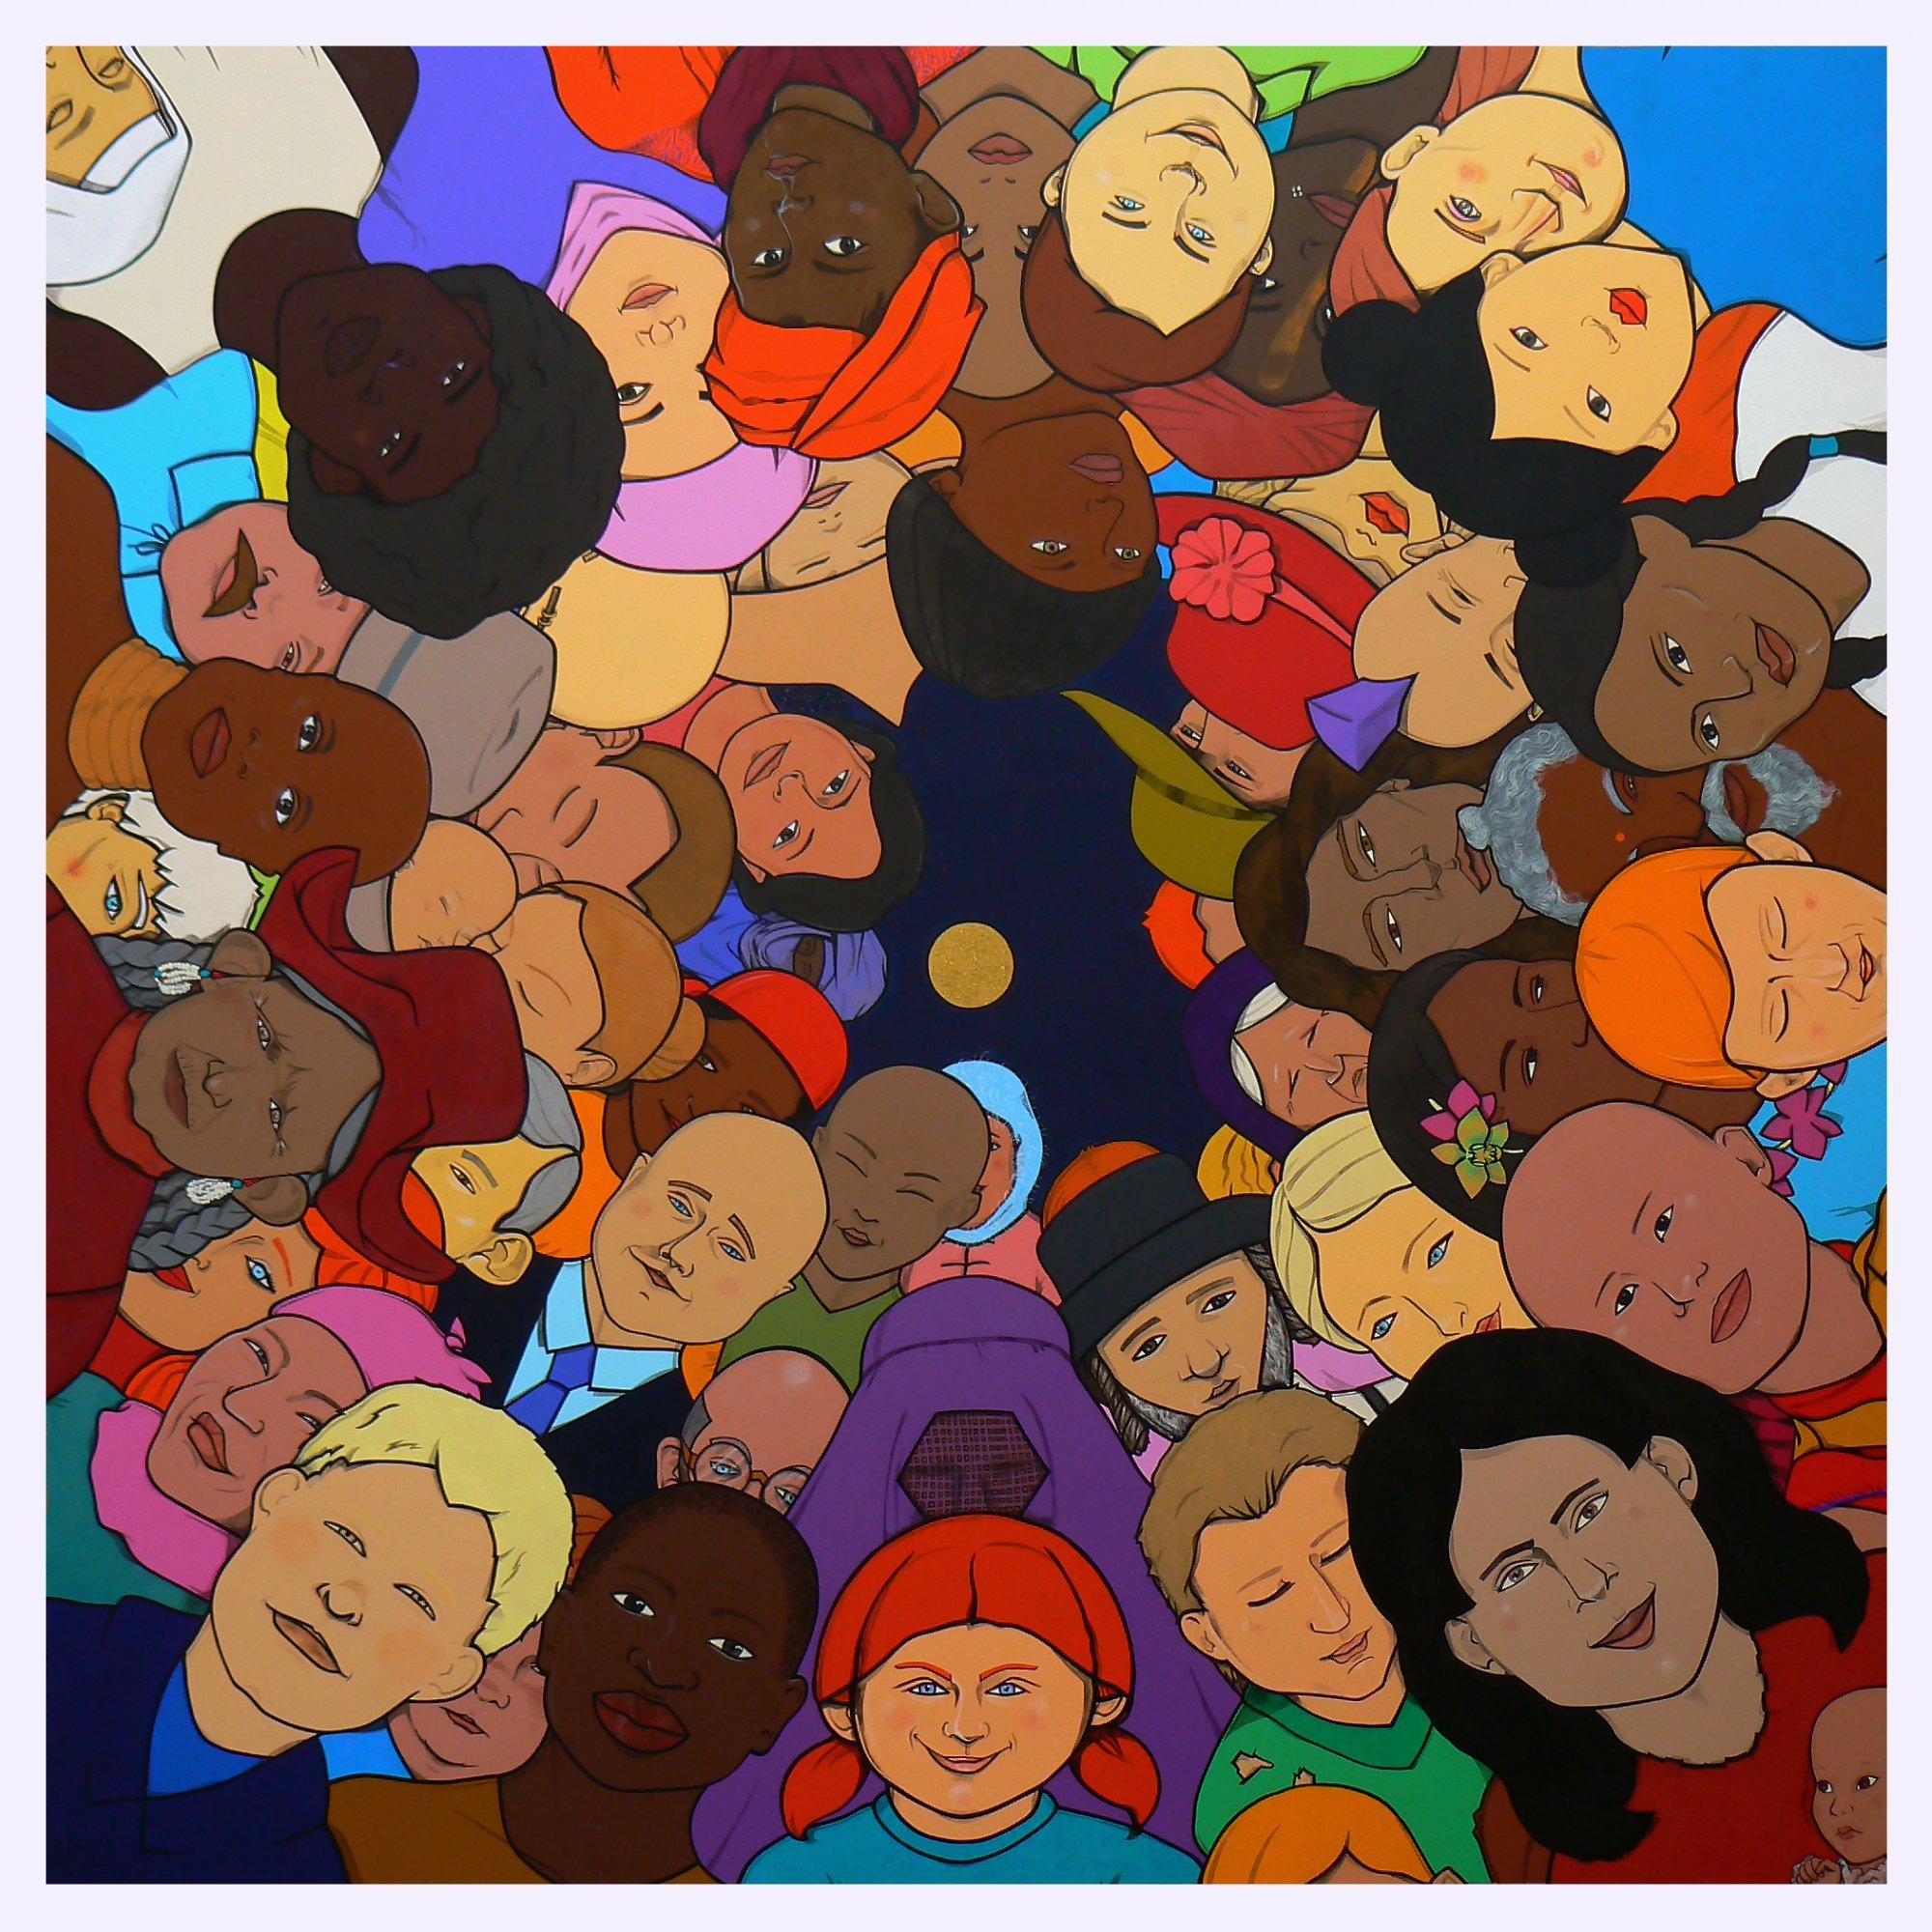 all together elena greggio dependtendency 2009 artwork celeste